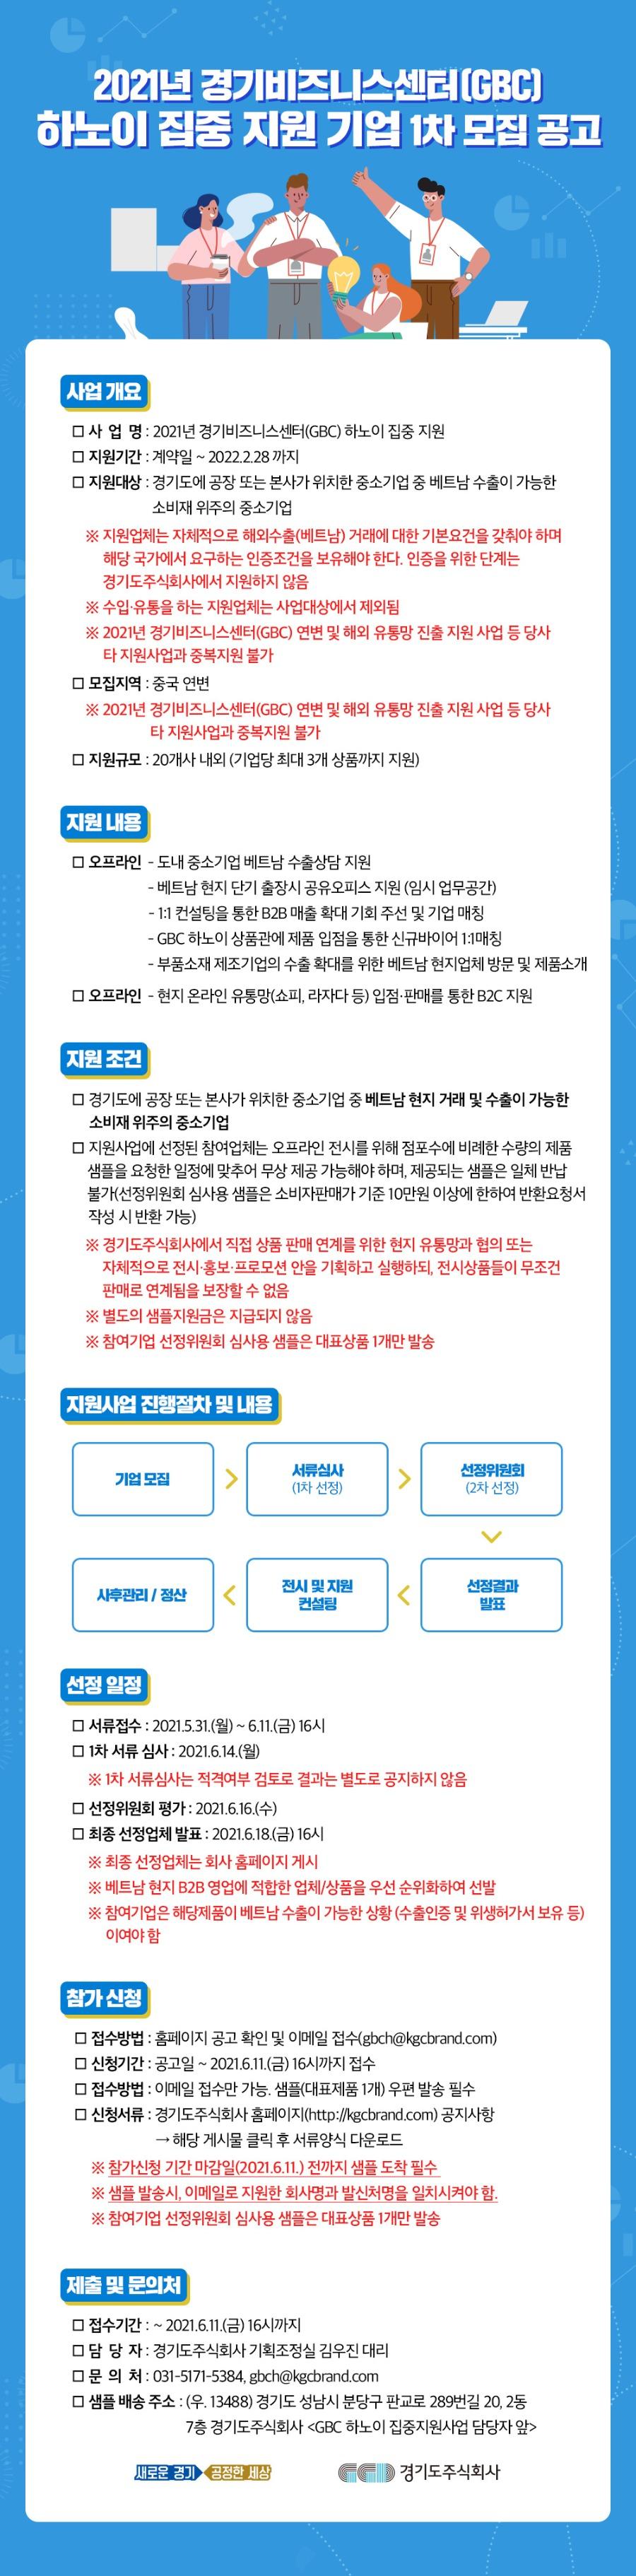 210528-경기비즈니스센터_포스터_하노이_v03.jpg